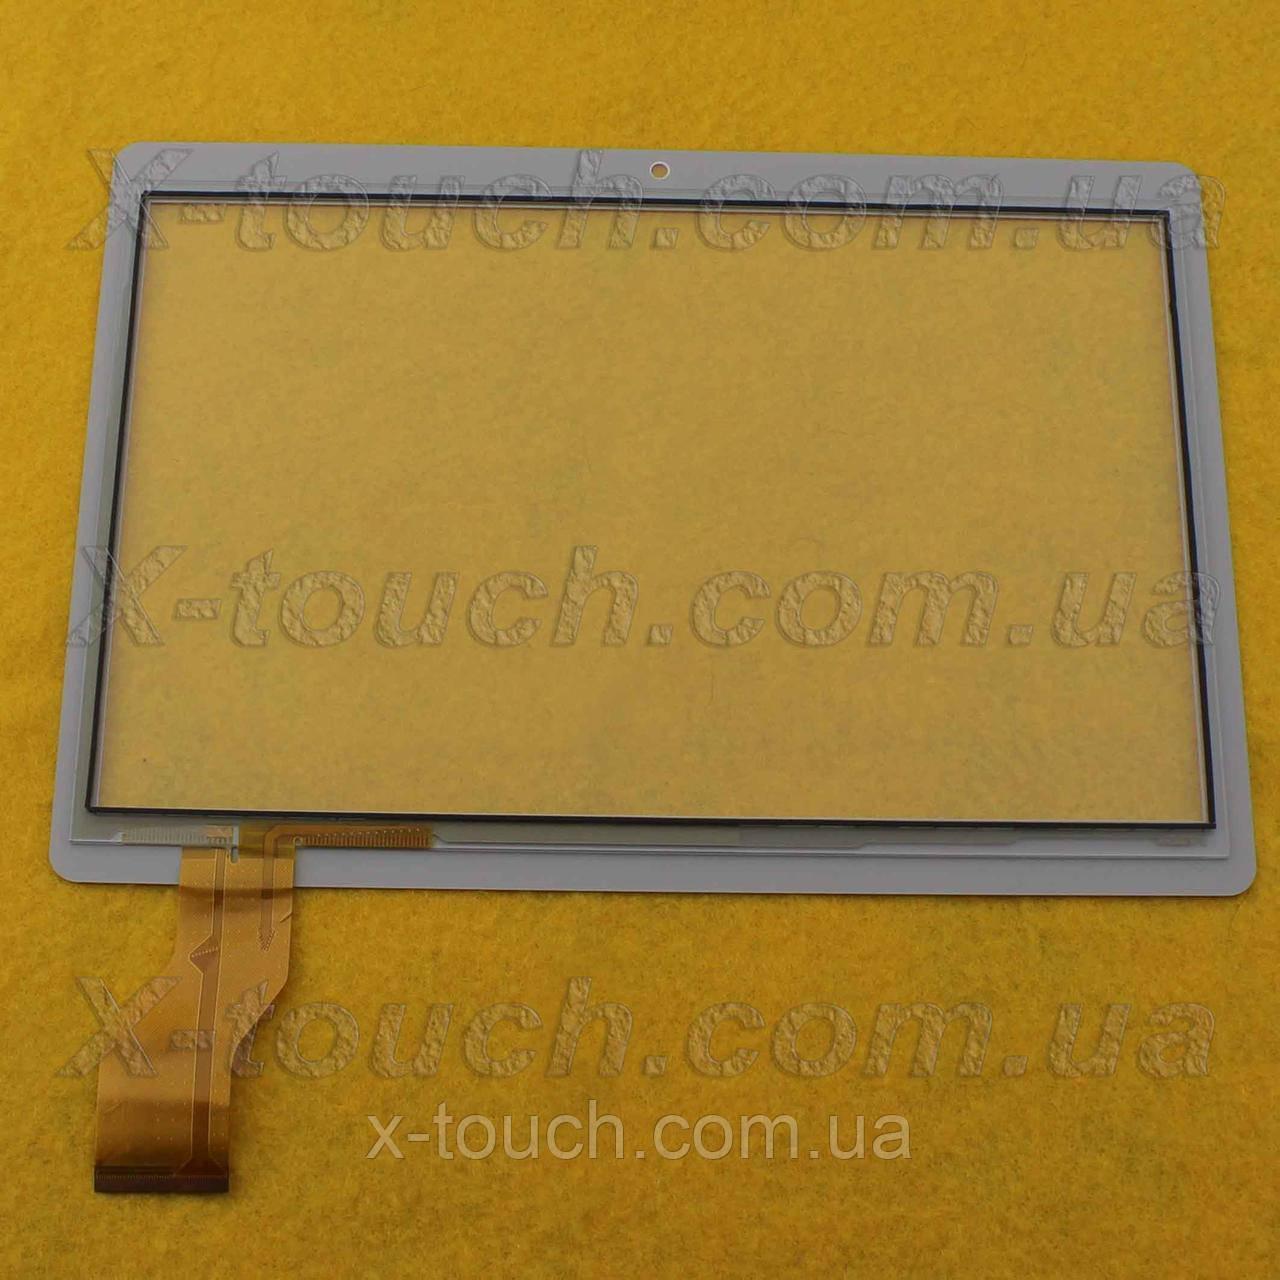 Cенсор, тачскрин WJ1230-FPC-V2.0, 10 дюймов, цвет черный.